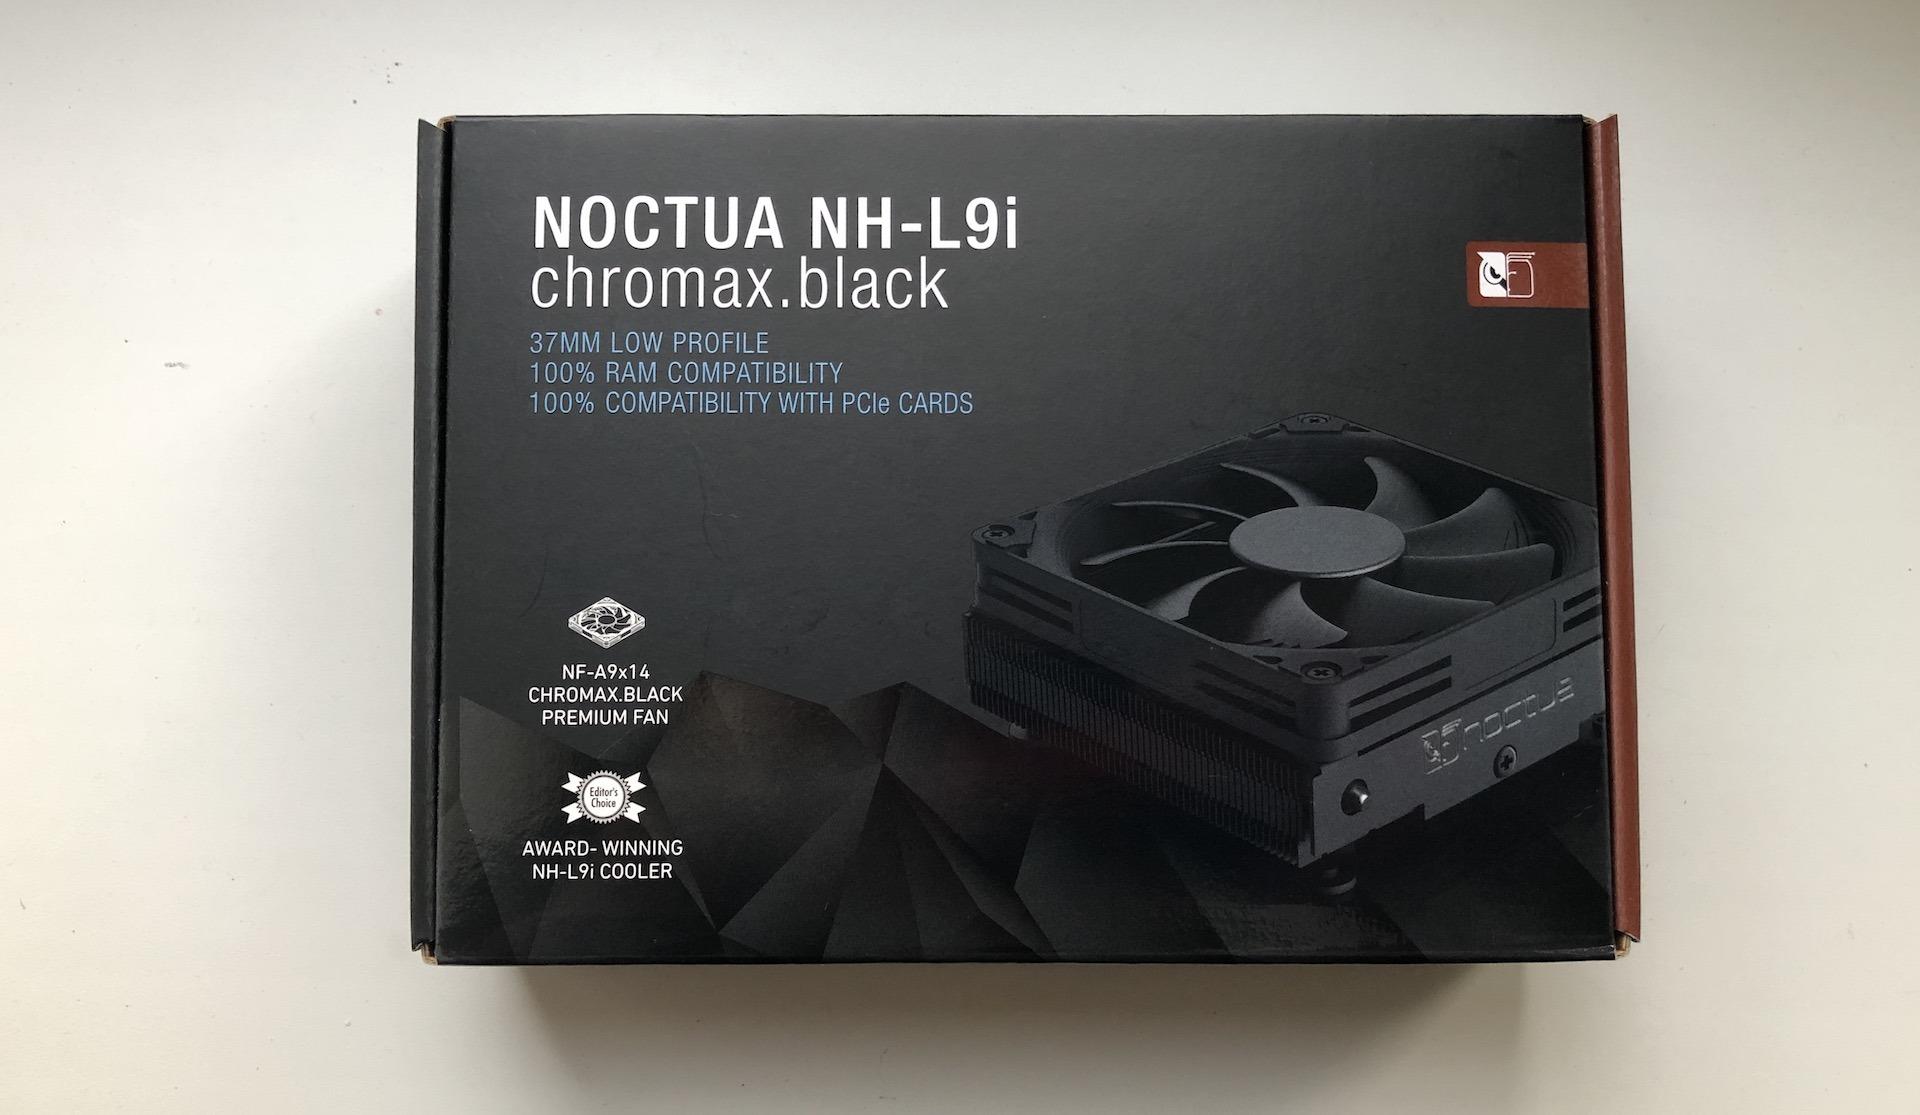 Обзор и тестирование кулера Noctua NH-L9i chromax.black